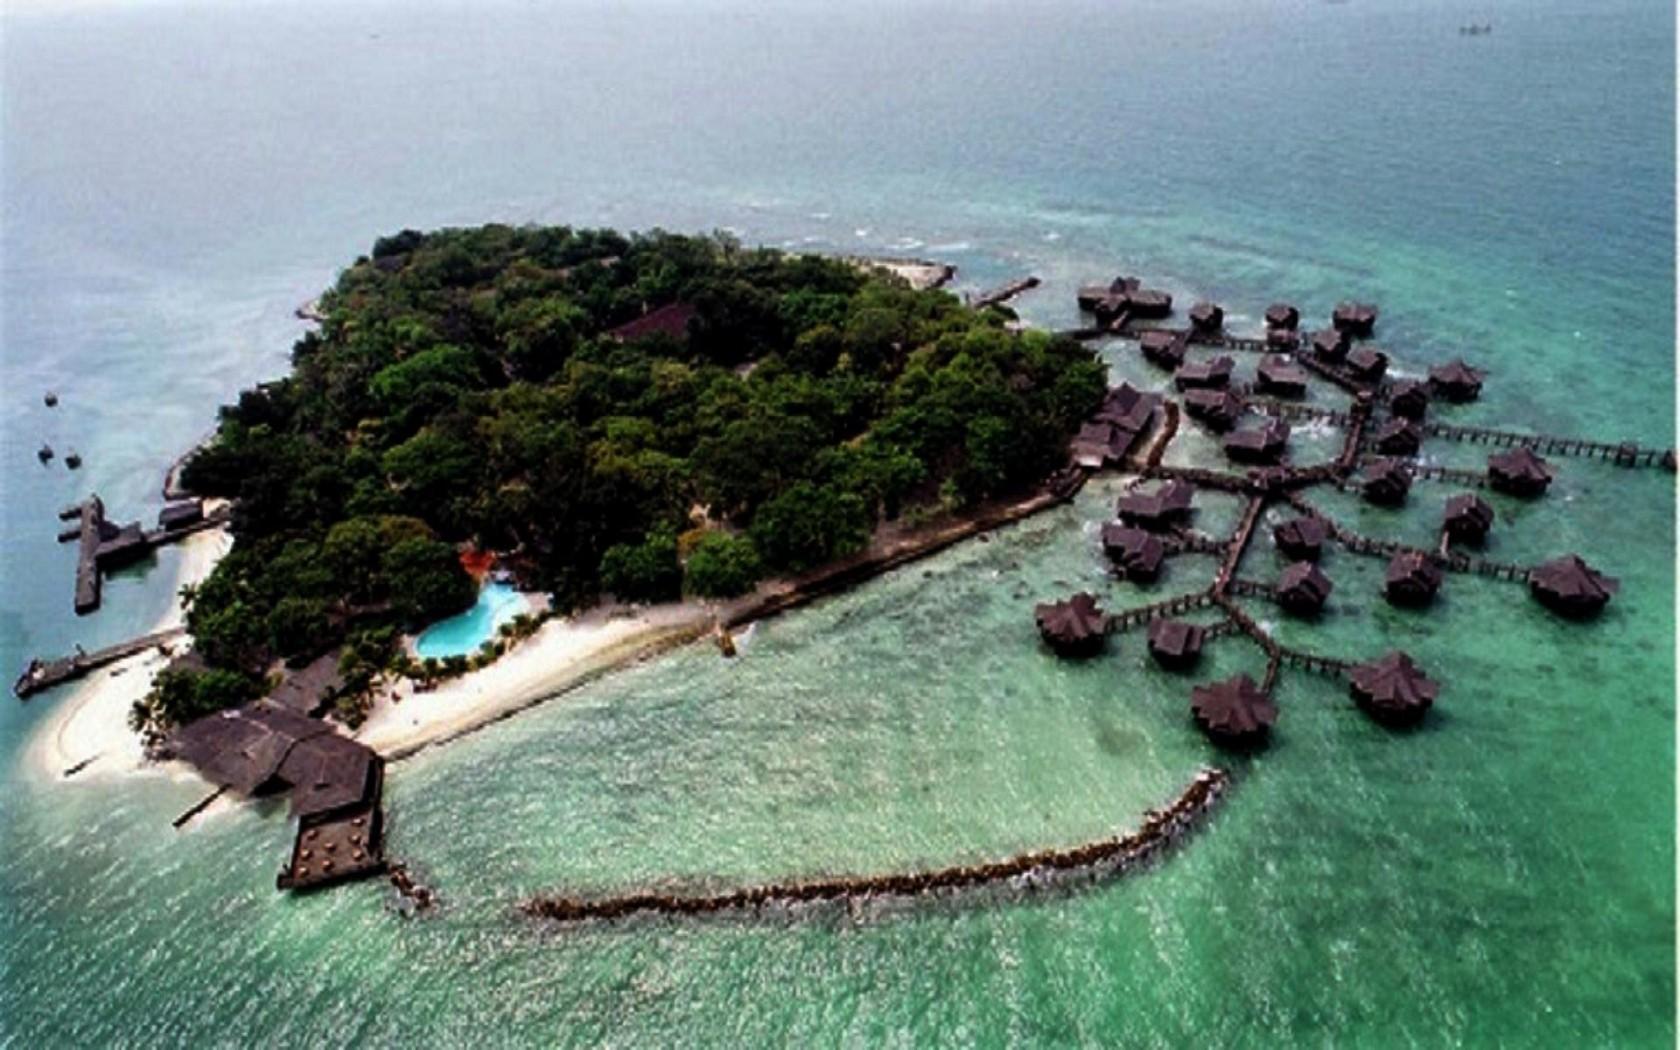 kepulauan seribu honeymoon spots